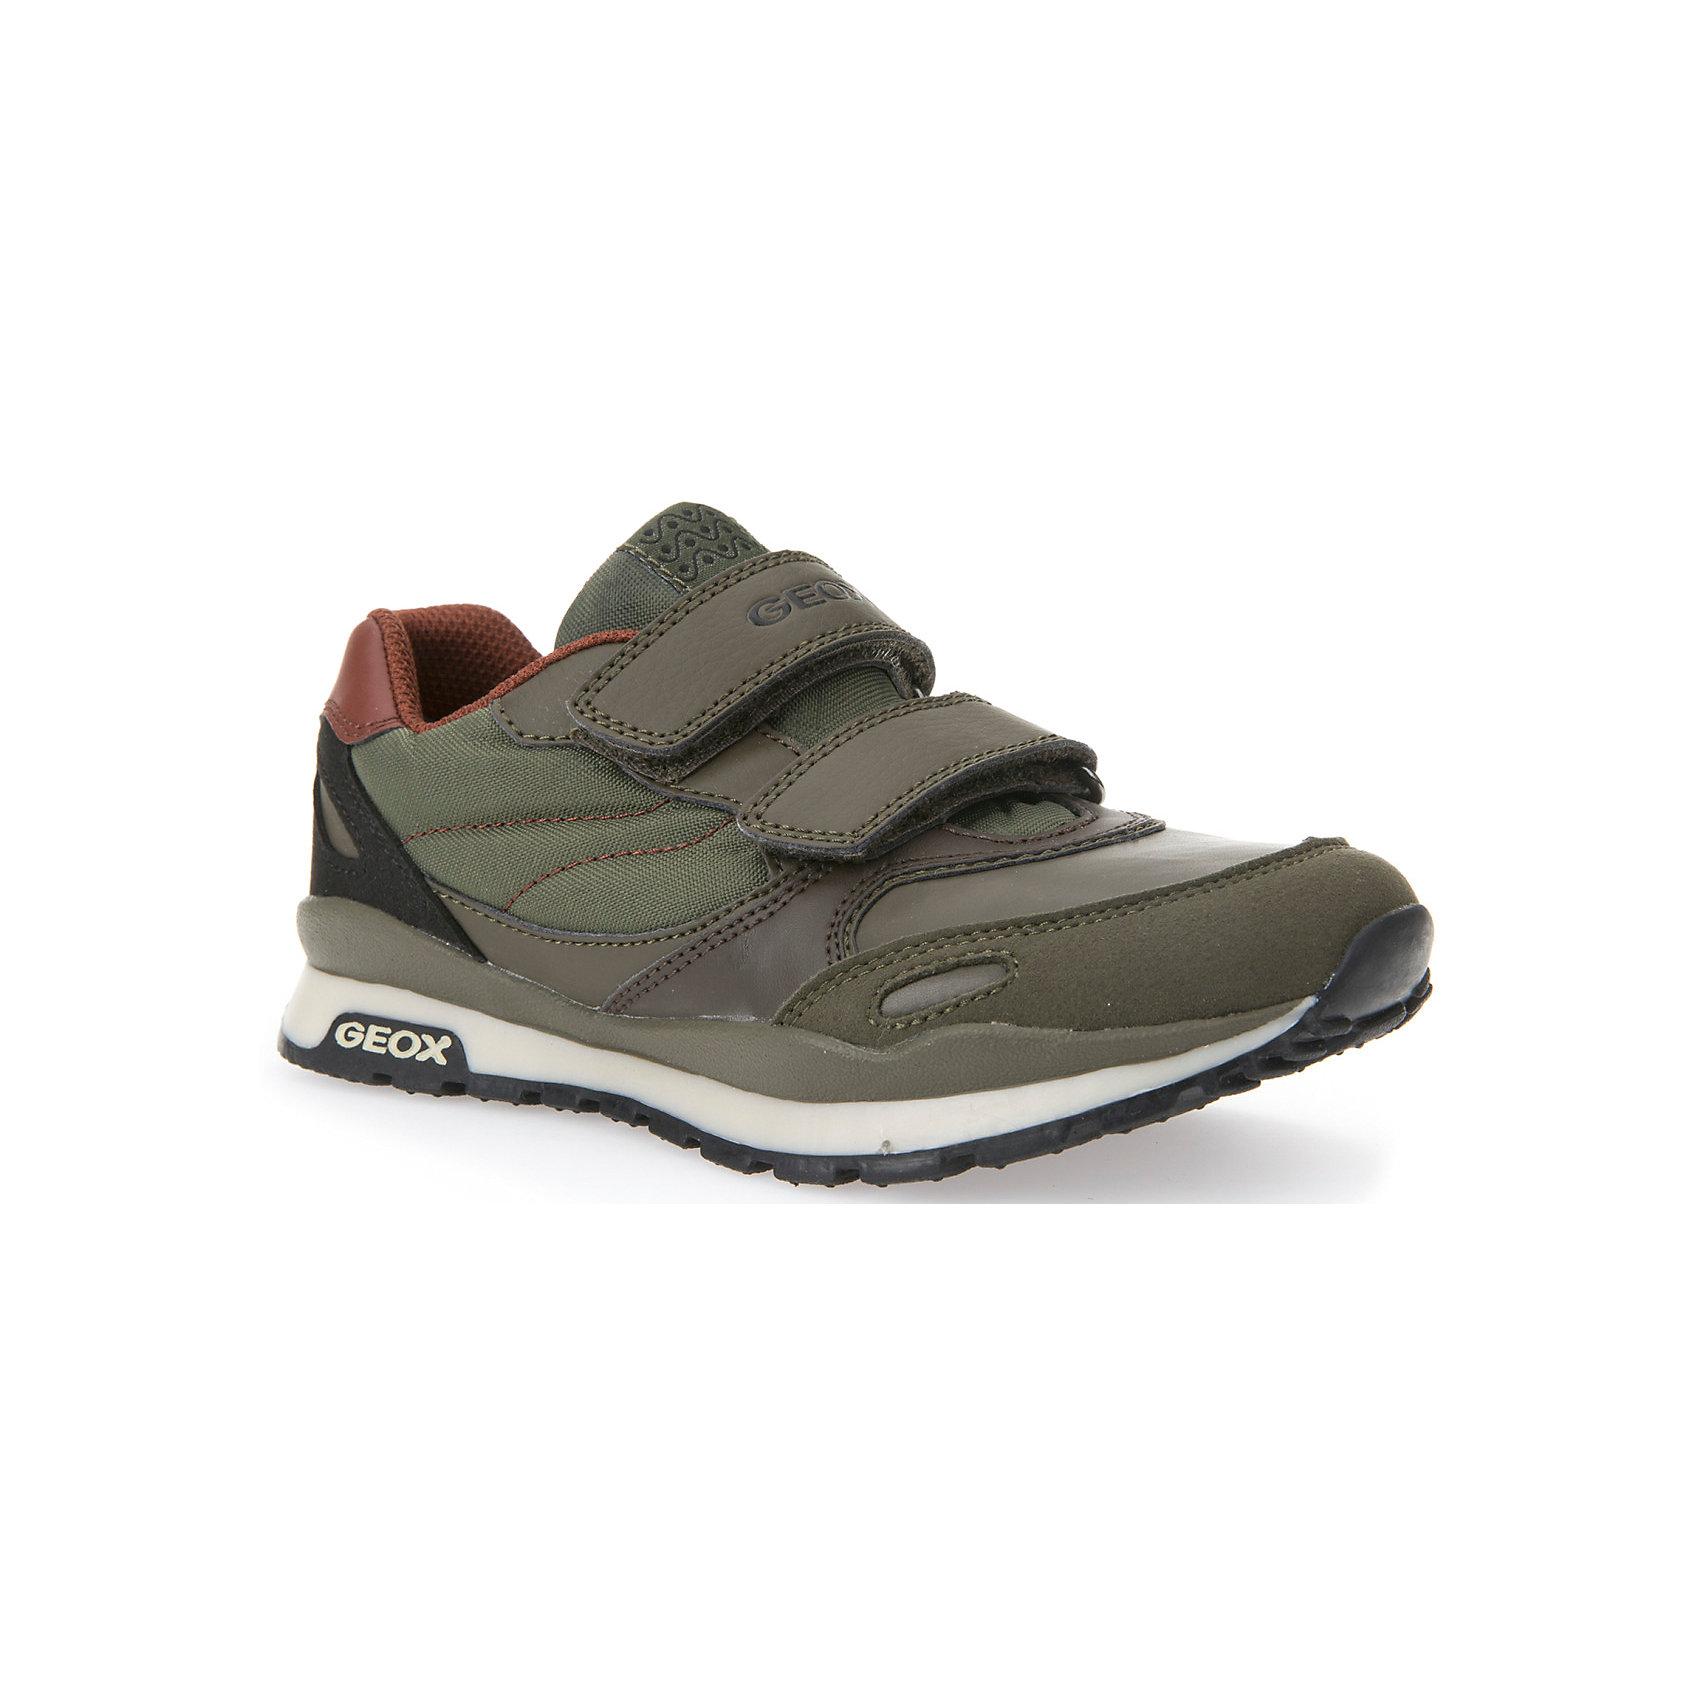 Кроссовки для мальчика GEOXКроссовки GEOX (ГЕОКС)<br>Кроссовки от GEOX (ГЕОКС) выполнены из искусственной кожи, внутренняя отделка из текстиля, съемная стелька из натуральной кожи.  Застежки-липучки надежно фиксируют обувь на ногах, облегчая снятие и надевание. Колодка соответствует анатомическим особенностям строения стопы. Качественная амортизация снижает нагрузку на суставы. Запатентованная гибкая перфорированная подошва со специальной микропористой мембраной обеспечивает естественное дыхание обуви,  не пропускает воду.<br><br>Дополнительная информация:<br><br>- Сезон:демисезонная;<br>- Цвет: хаки;<br>- Материал верха: искусственная кожа<br>- Внутренний материал: текстиль<br>- Материал стельки: натуральная кожа;<br>- Материал подошвы резина;<br>- Тип застежки: липучки;<br>- Материалы и продукция прошли сертификацию T?V S?D, на отсутствие веществ, опасных для здоровья покупателей.<br><br>Кроссовки GEOX (ГЕОКС) можно купить в нашем интернет-магазине.<br><br>Ширина мм: 250<br>Глубина мм: 150<br>Высота мм: 150<br>Вес г: 250<br>Цвет: серый<br>Возраст от месяцев: 60<br>Возраст до месяцев: 72<br>Пол: Мужской<br>Возраст: Детский<br>Размер: 29,36,37,27,38,35,34,28,32,30,33,31<br>SKU: 4864839